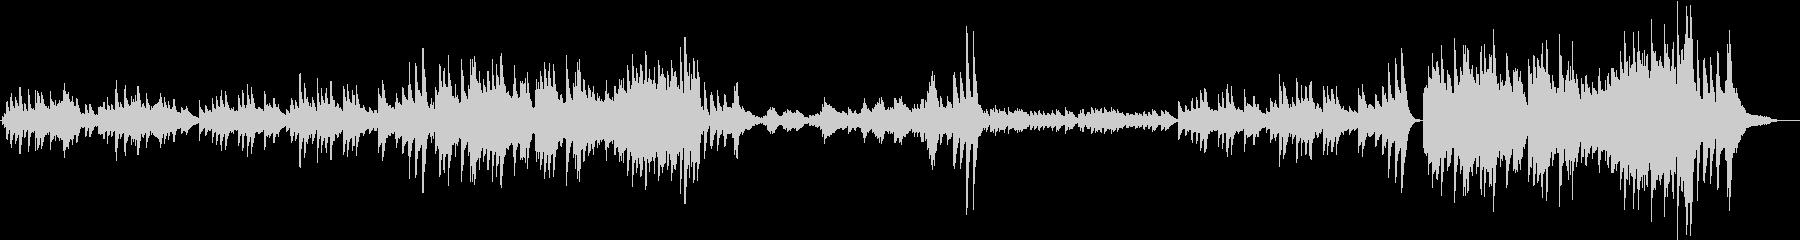 エキゾチックなピアノ曲の未再生の波形